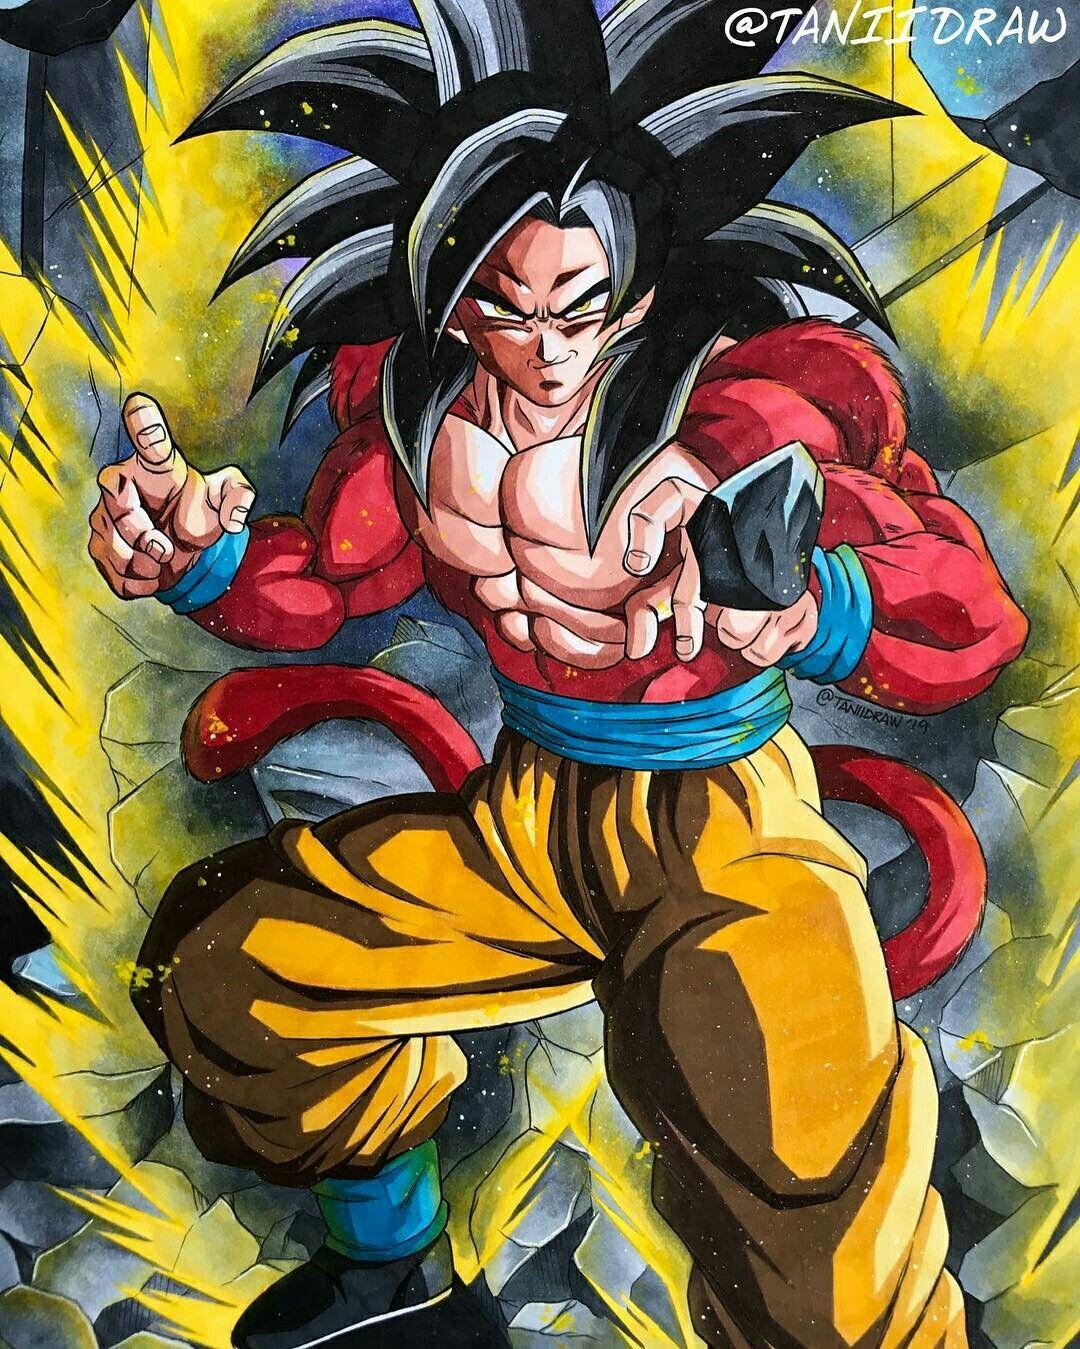 Goku Super Saiyan 4 Draw Dragon Ball Z Anime Dragon Ball